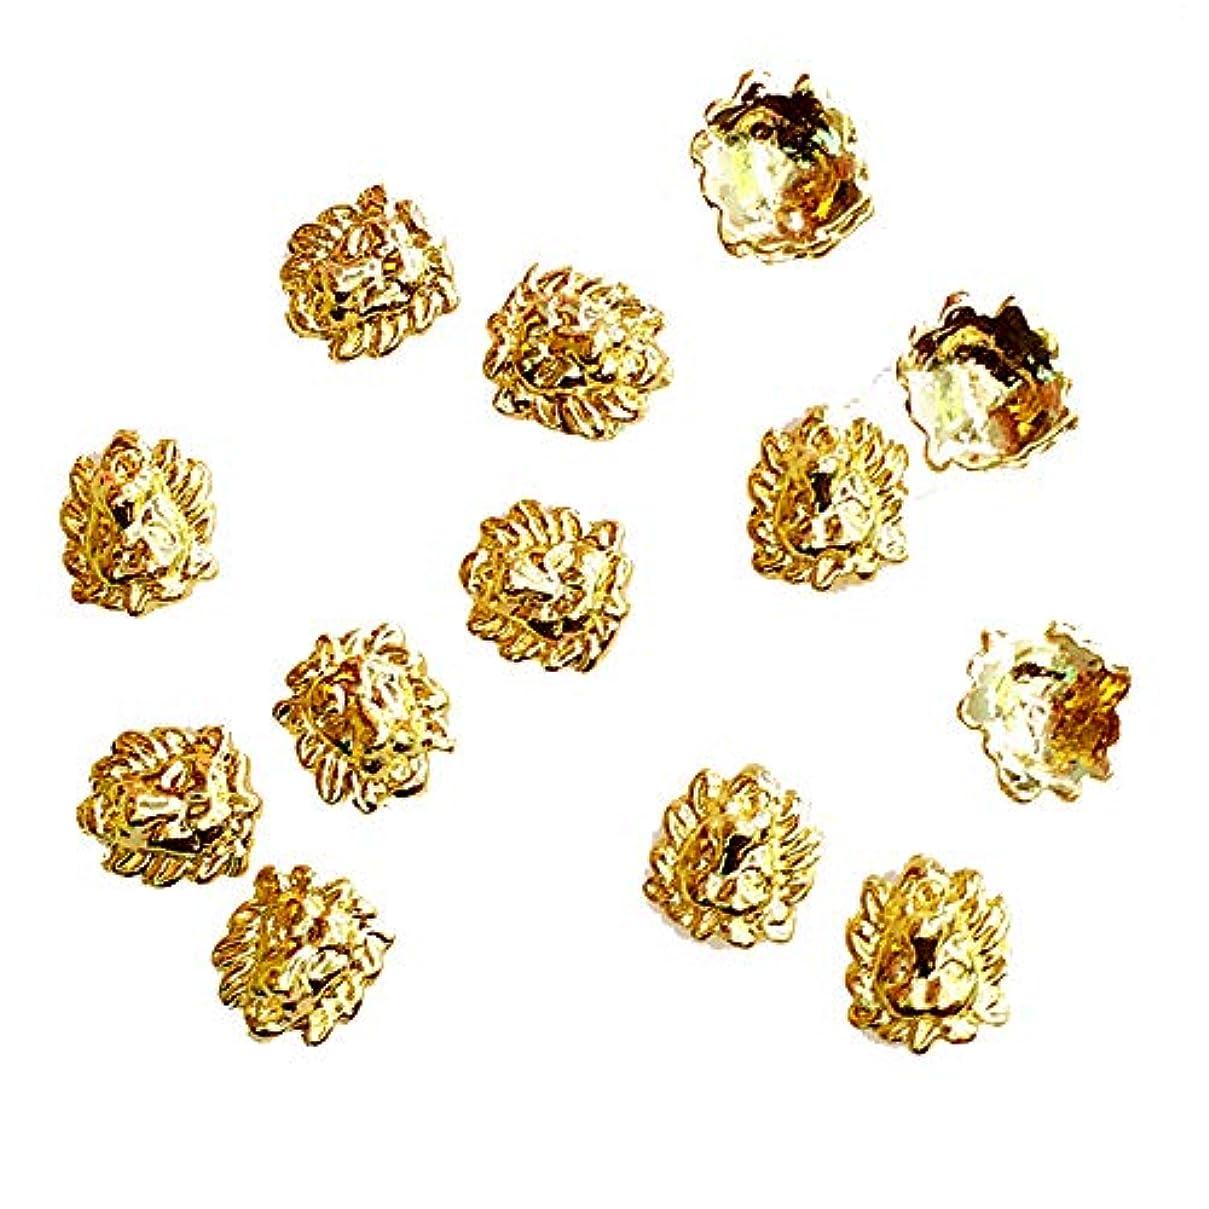 周術期撤退判決10個入り/ロット女性のための7 * 7ミリメートルゴールドライオン3Dデザインメタルアロイネイルアートの装飾ネイルジェルステッカーDecos